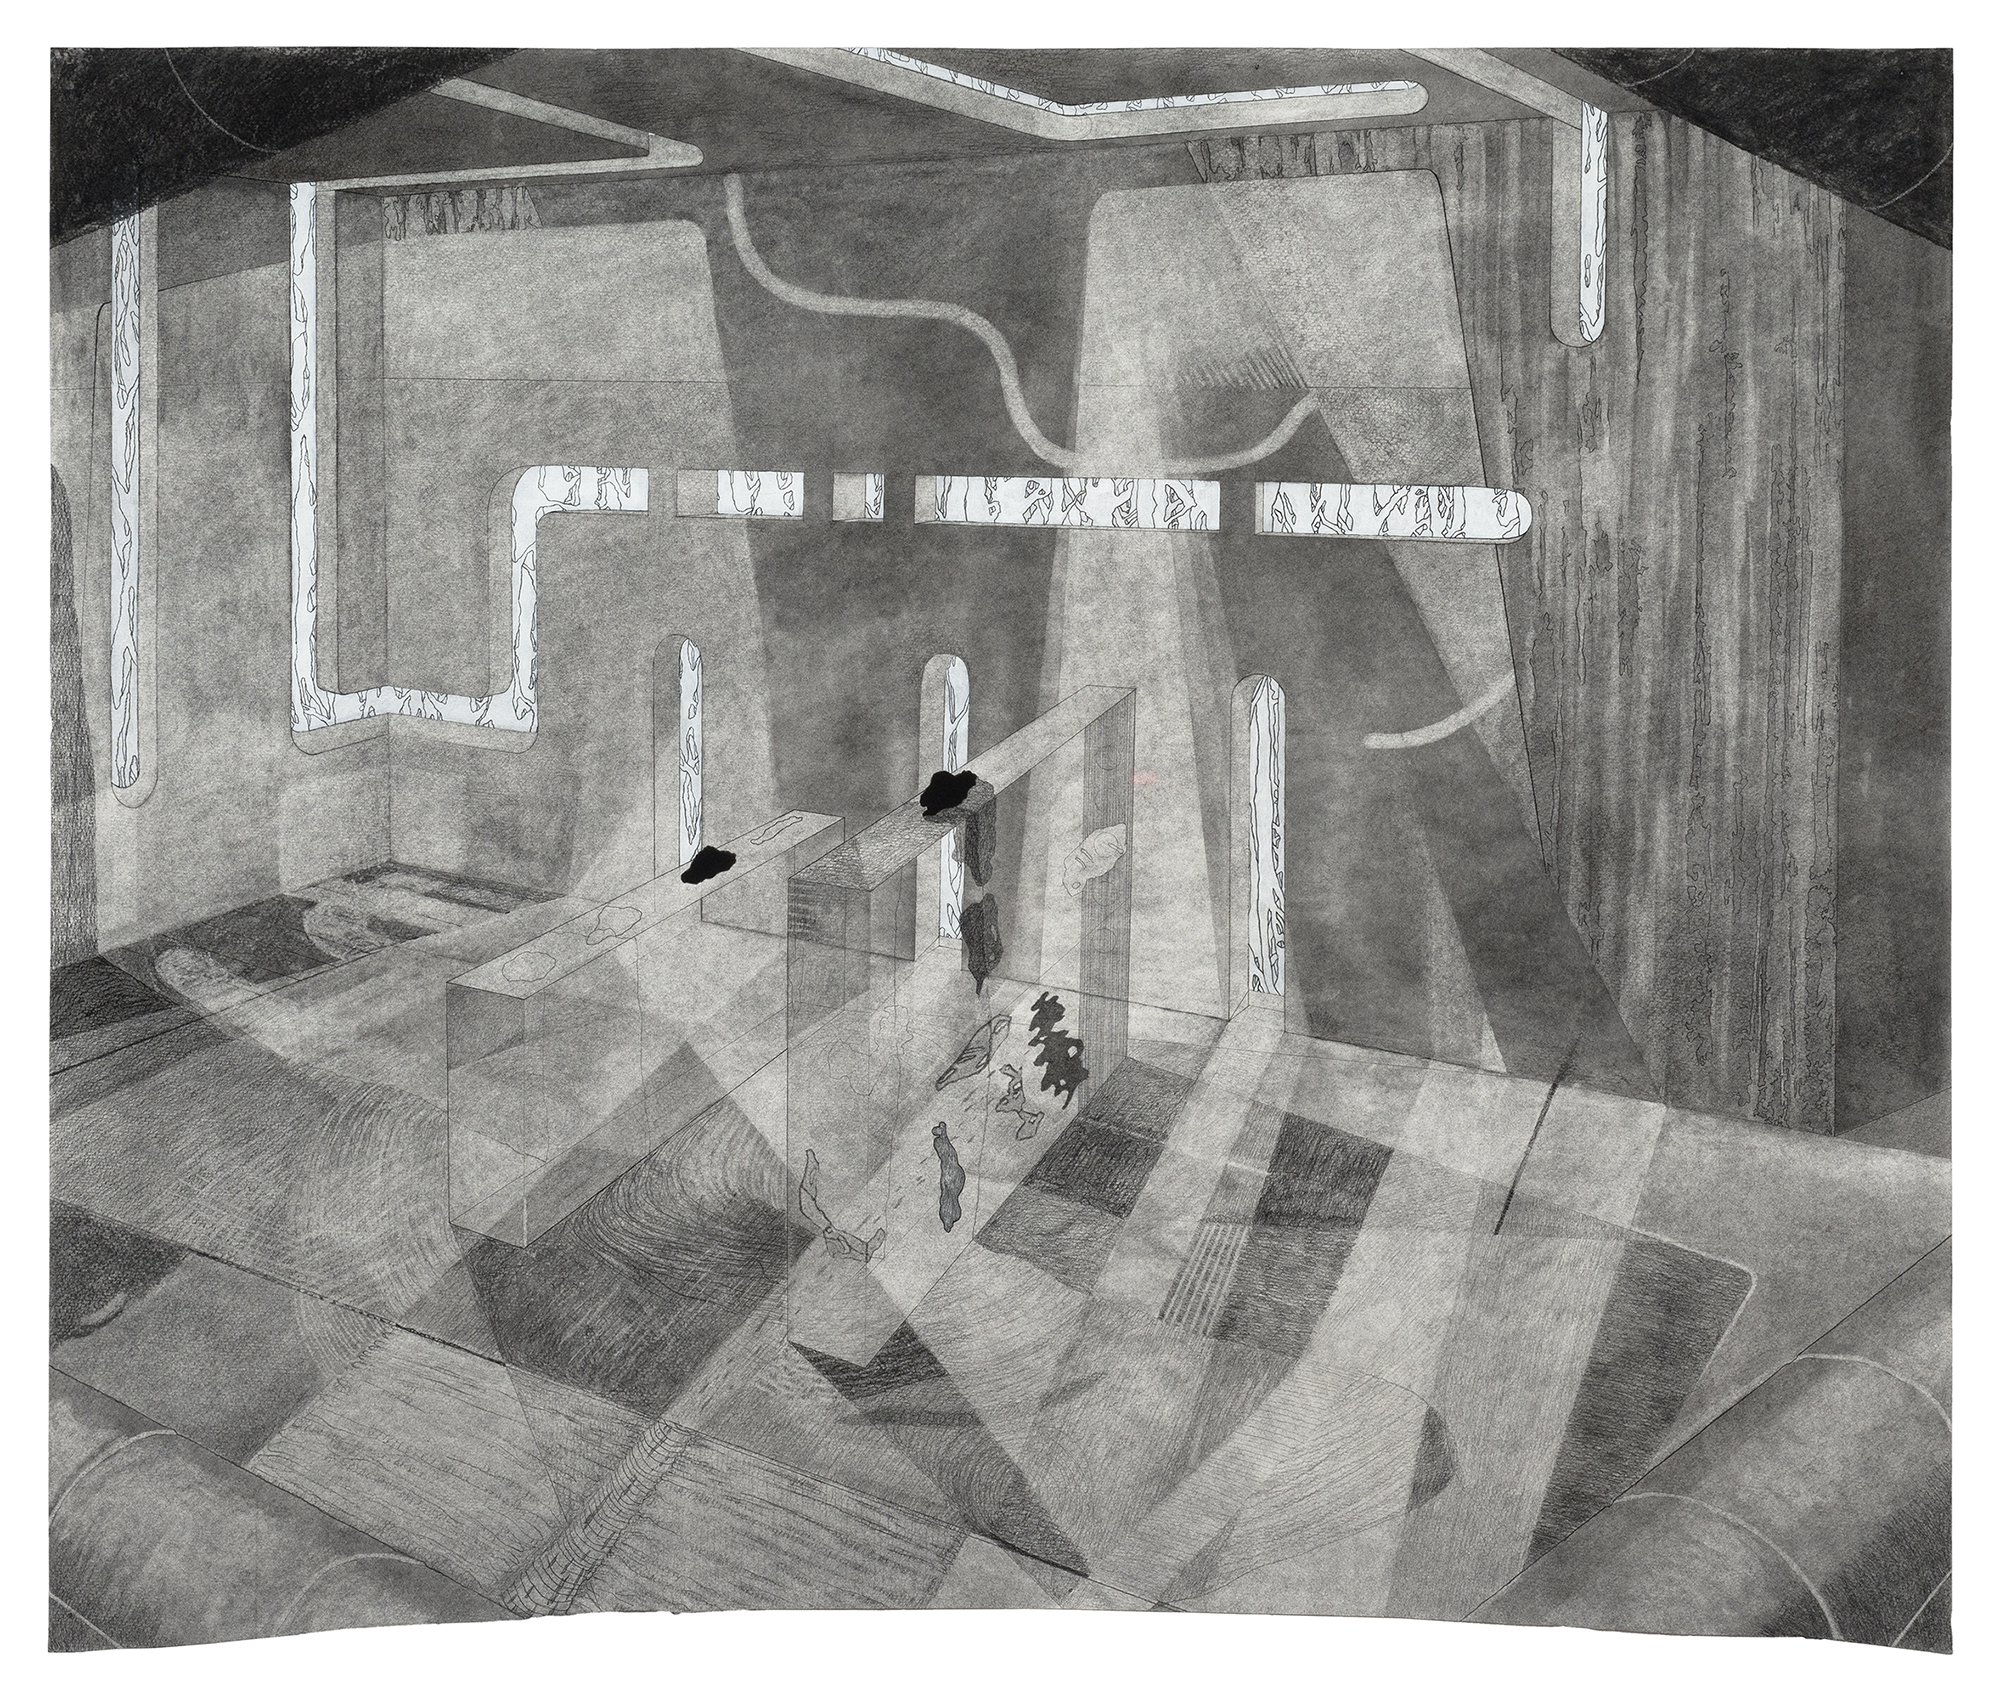 06-Cheng-Souvenir-Room-9